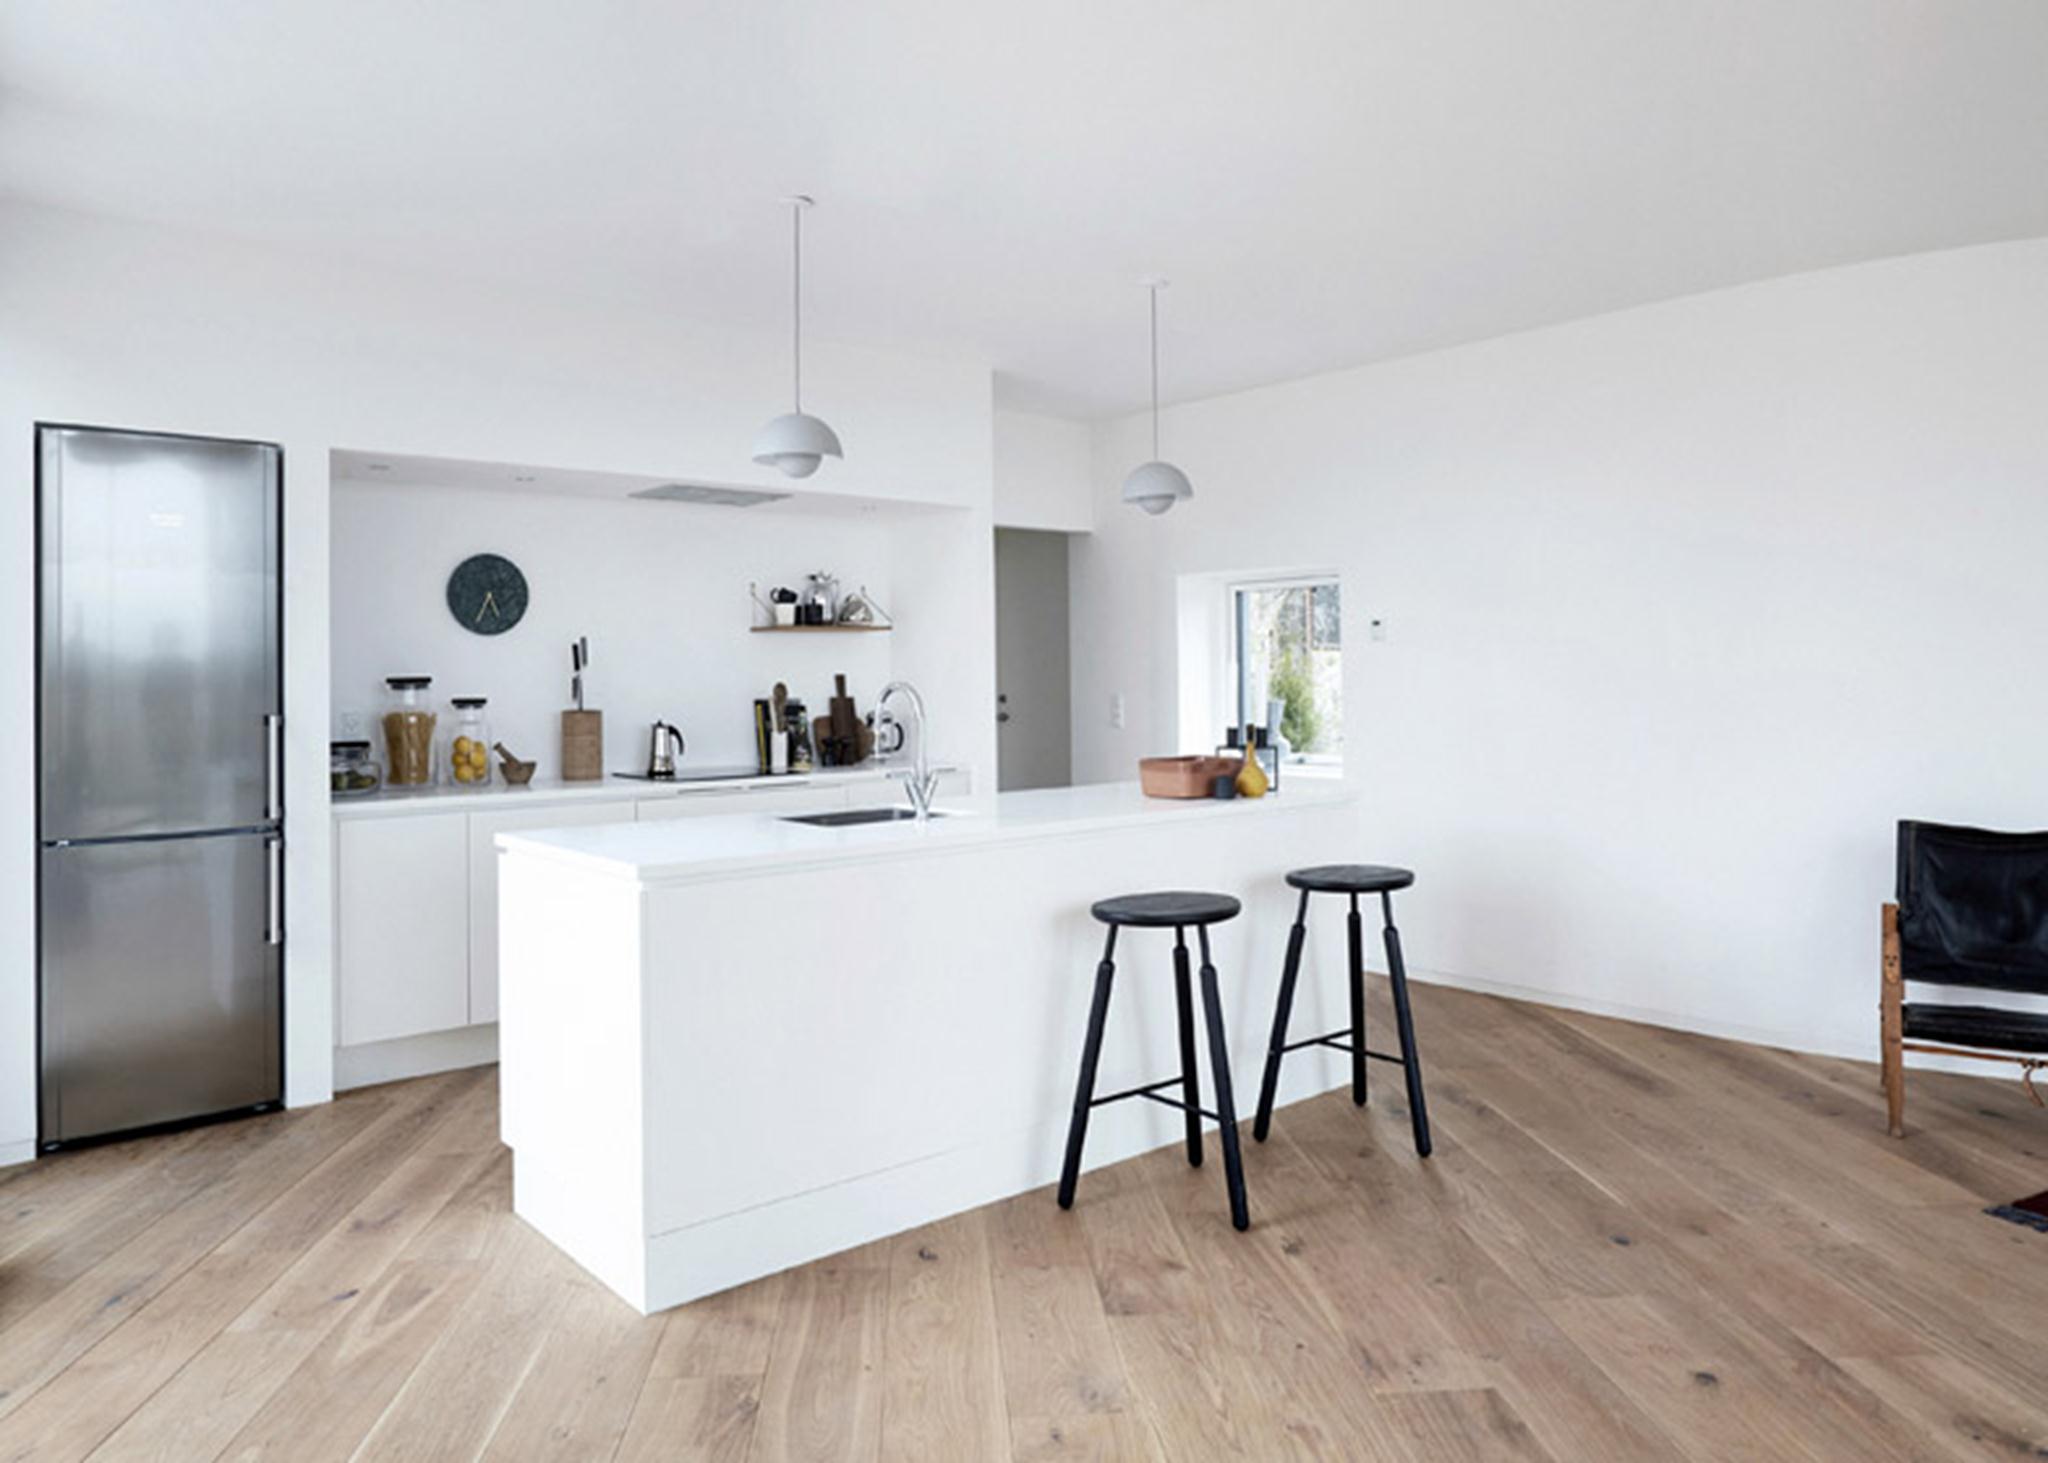 Ngôi nhà được thiết kế không có hành lang để tối đa hóa không gian bên trong. Phần lớn các không gian nội thất được dành cho việc sinh hoạt chung.